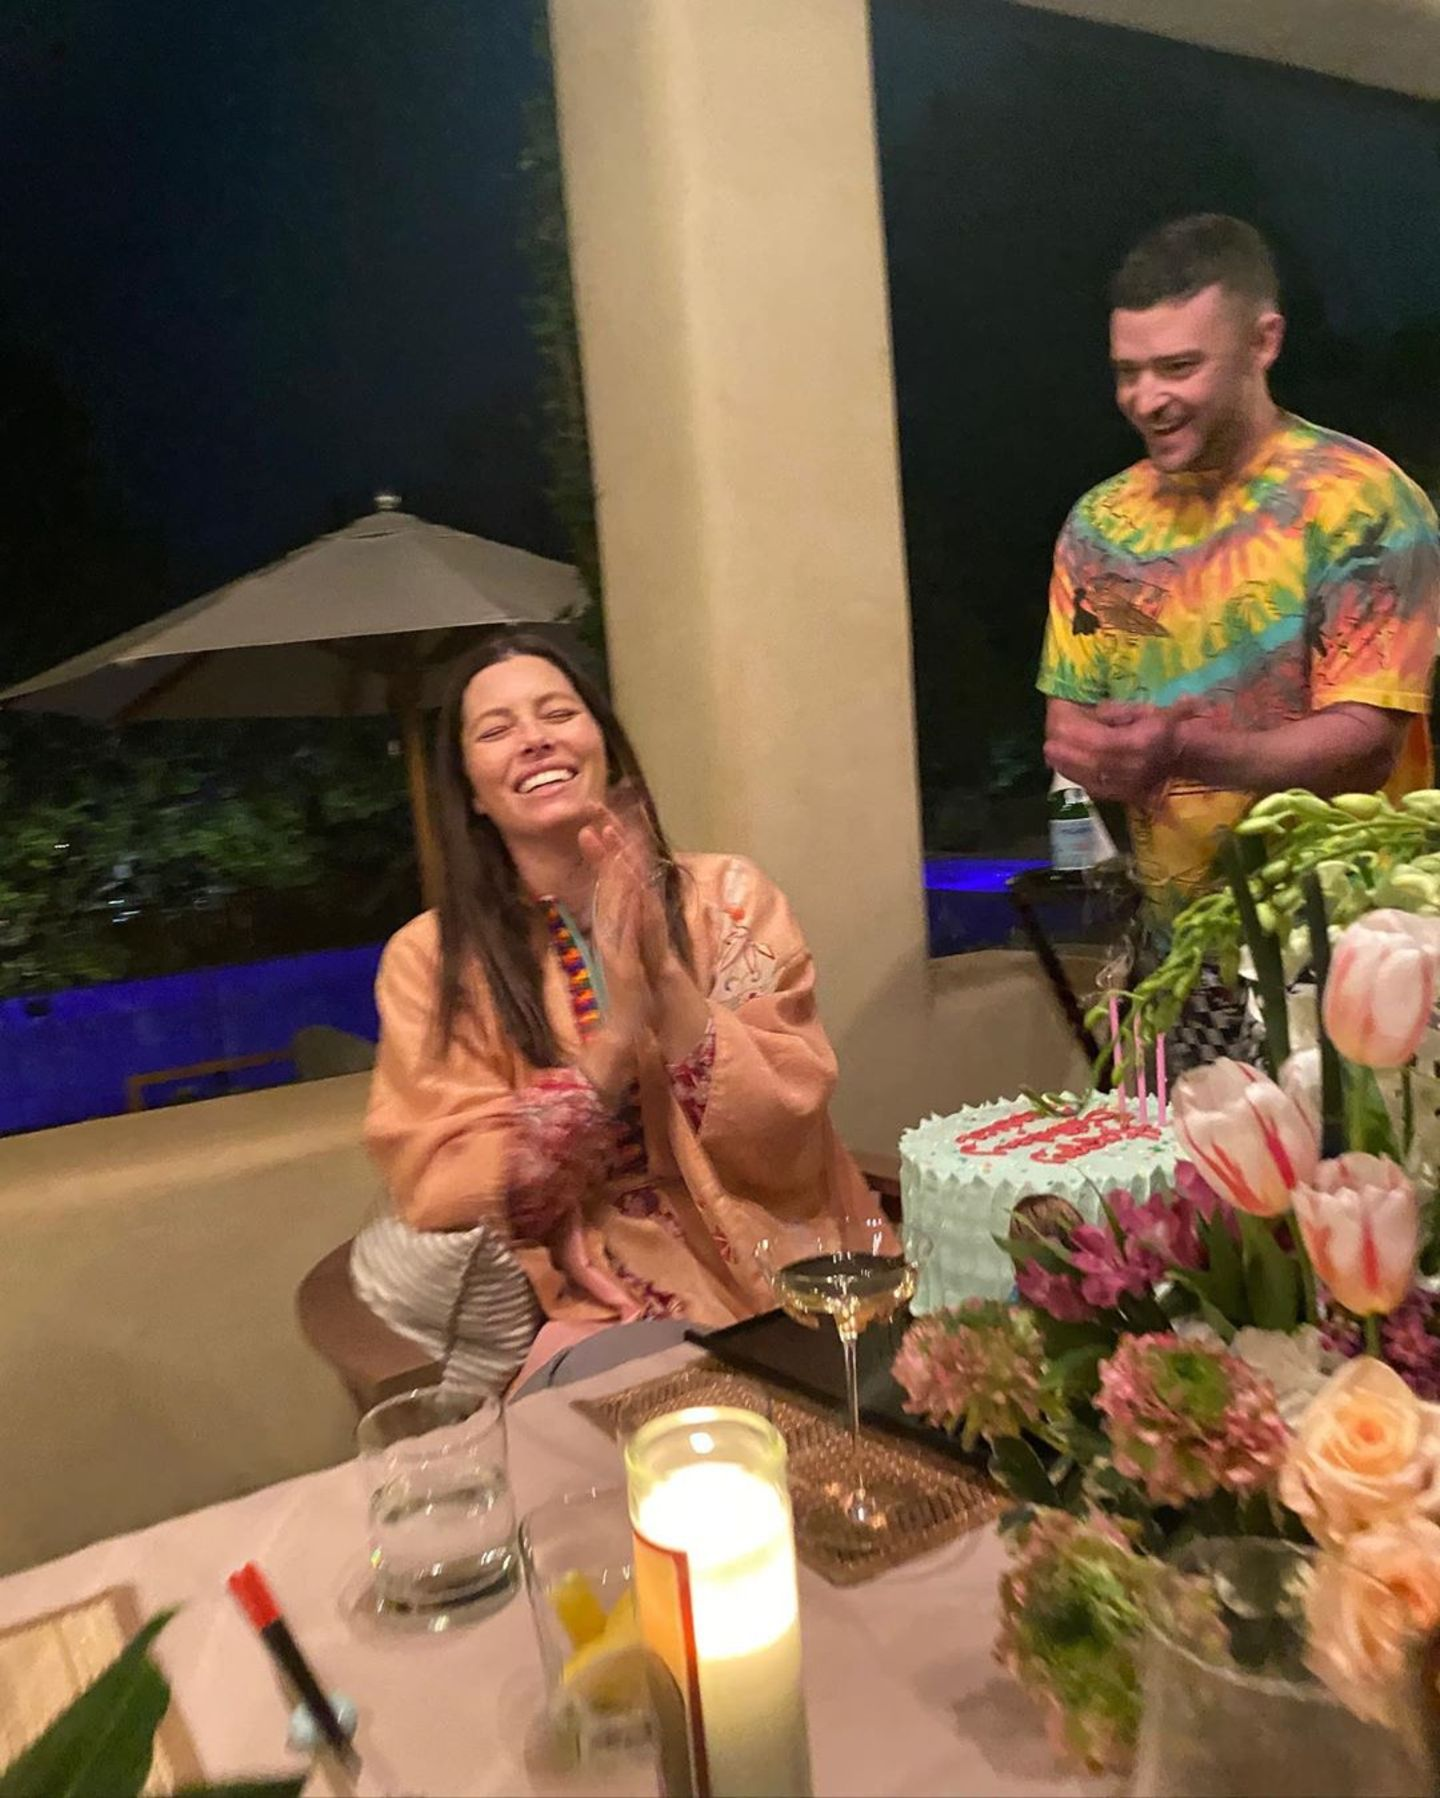 """Wenn Jessica Biel Geburtstag hat, tischt Ehemann Justin Timberlake so richtig auf. Der Sänger überraschte seine Ehefrau mit einer Pyjama-Party, Torte und Wein. """"Danke, du wunderbarer Mensch, dass du mir wirklich zugehört hast undmeine Art von Party für mich geschmissen hast"""", bedankt sich Jessica Biel via Instagram."""